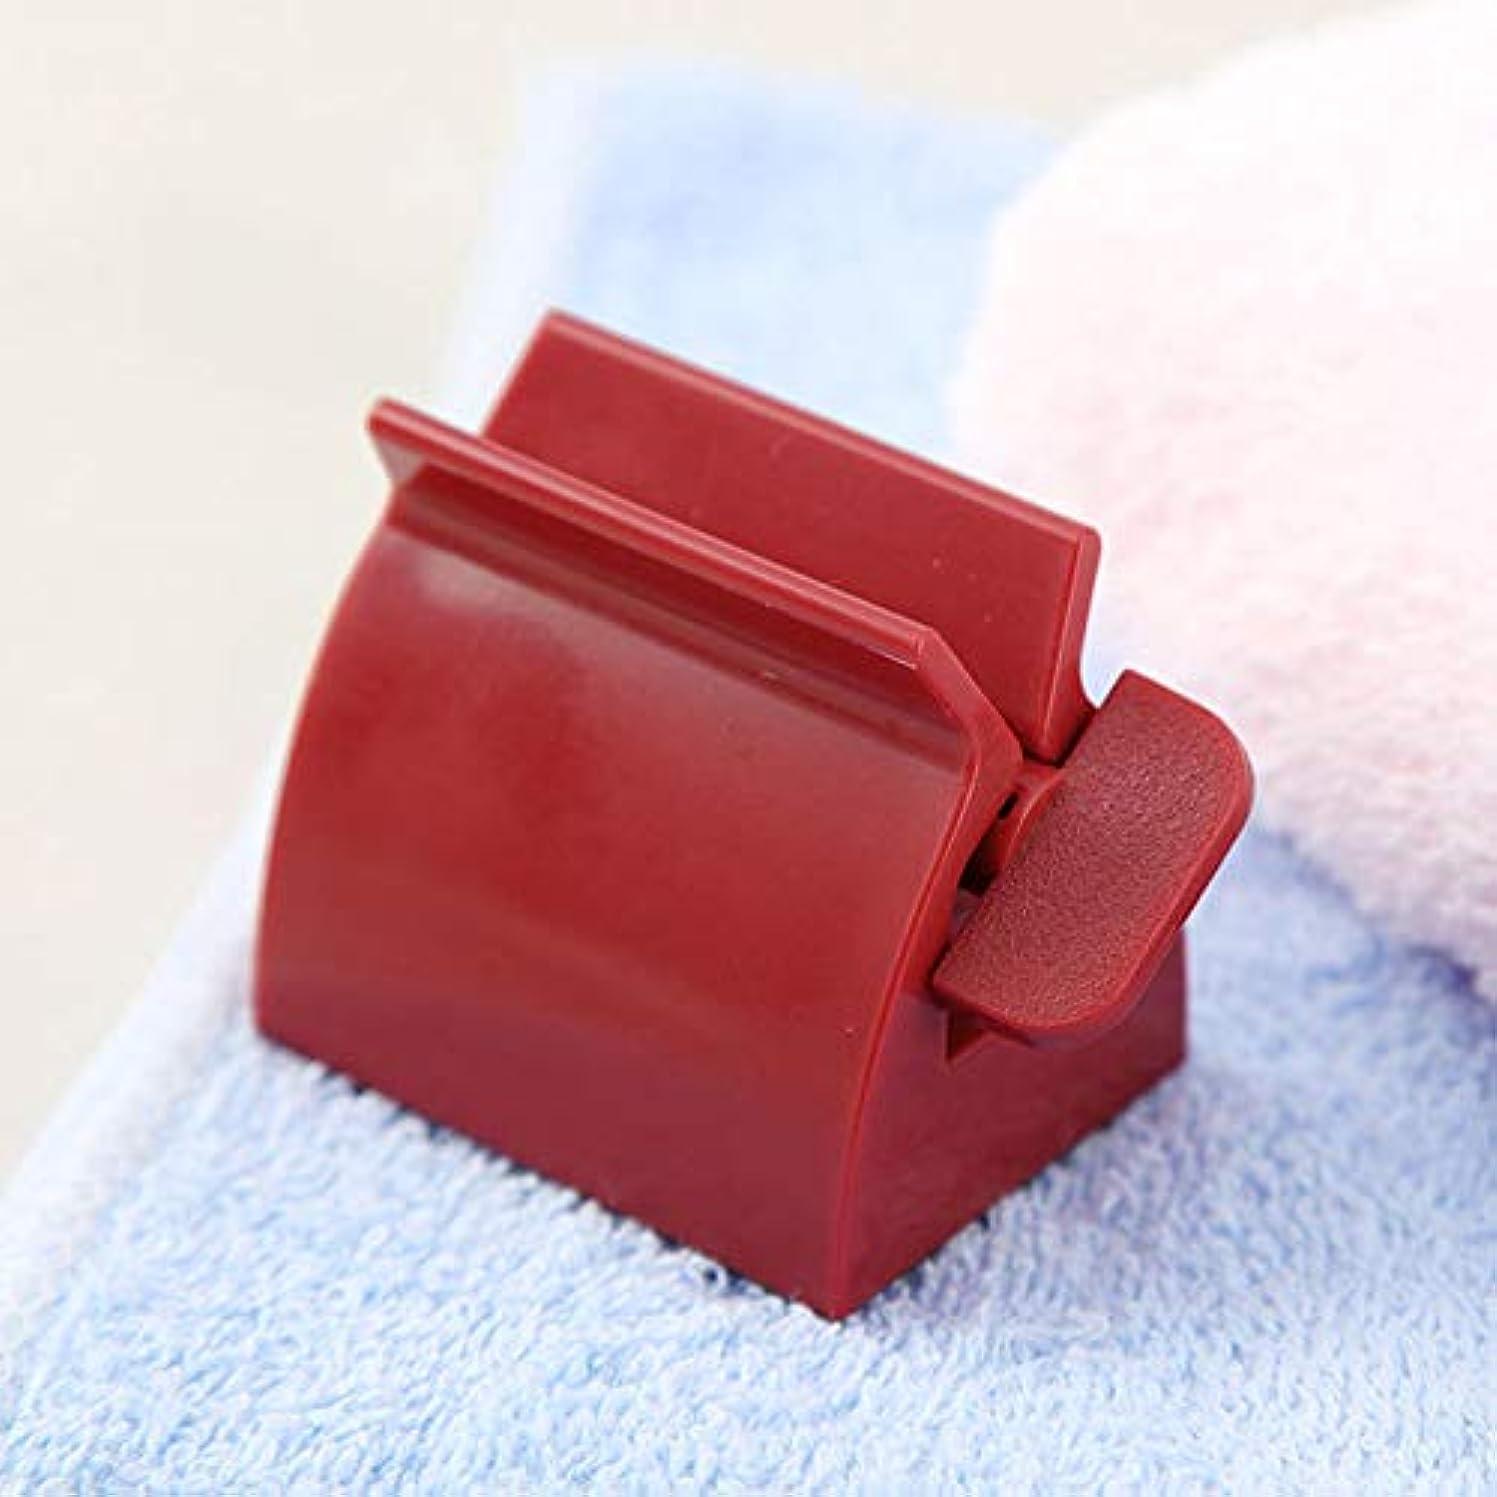 寝室を掃除するシャイニング妨げるSODAOA屋 手動歯磨き粉スクイーザ 歯磨き粉 ホルダー バスルーム洗顔料 化粧品 クリーム ハンドクリーム 節約 ローリングチューブスクイーザー便利 練り歯磨きスクイーザー 多機能 (レッド)